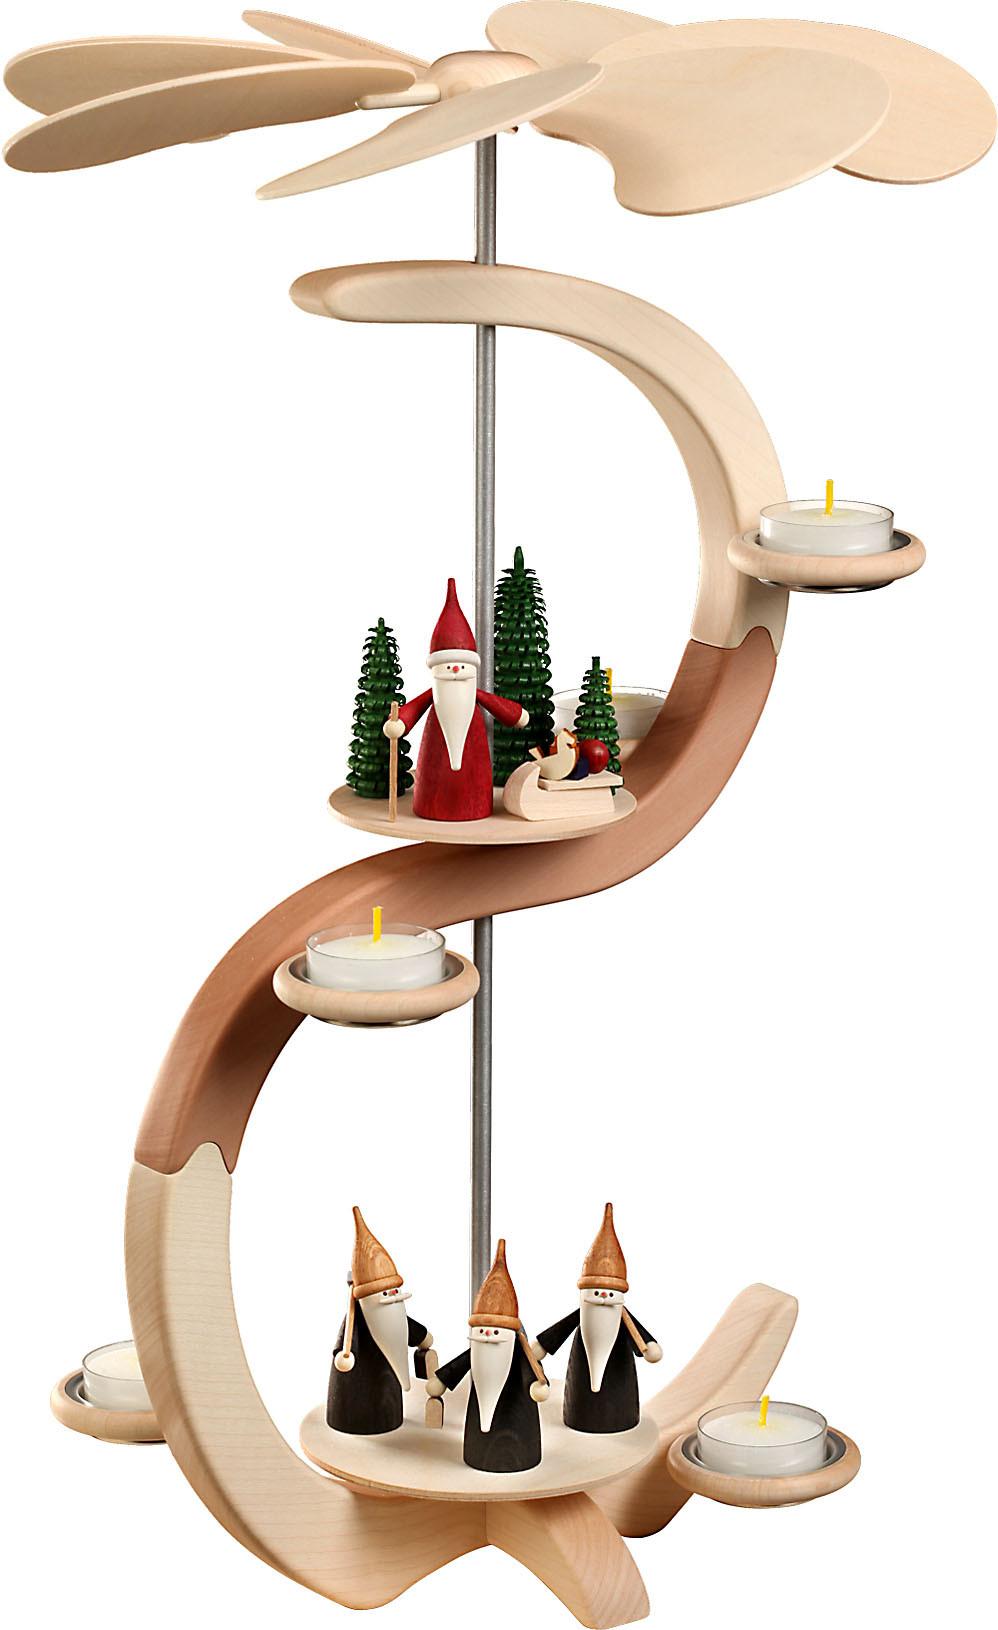 Seiffener Volkskunst Pyramide S-Form, Bergwichtel und Weihnachtswichtel